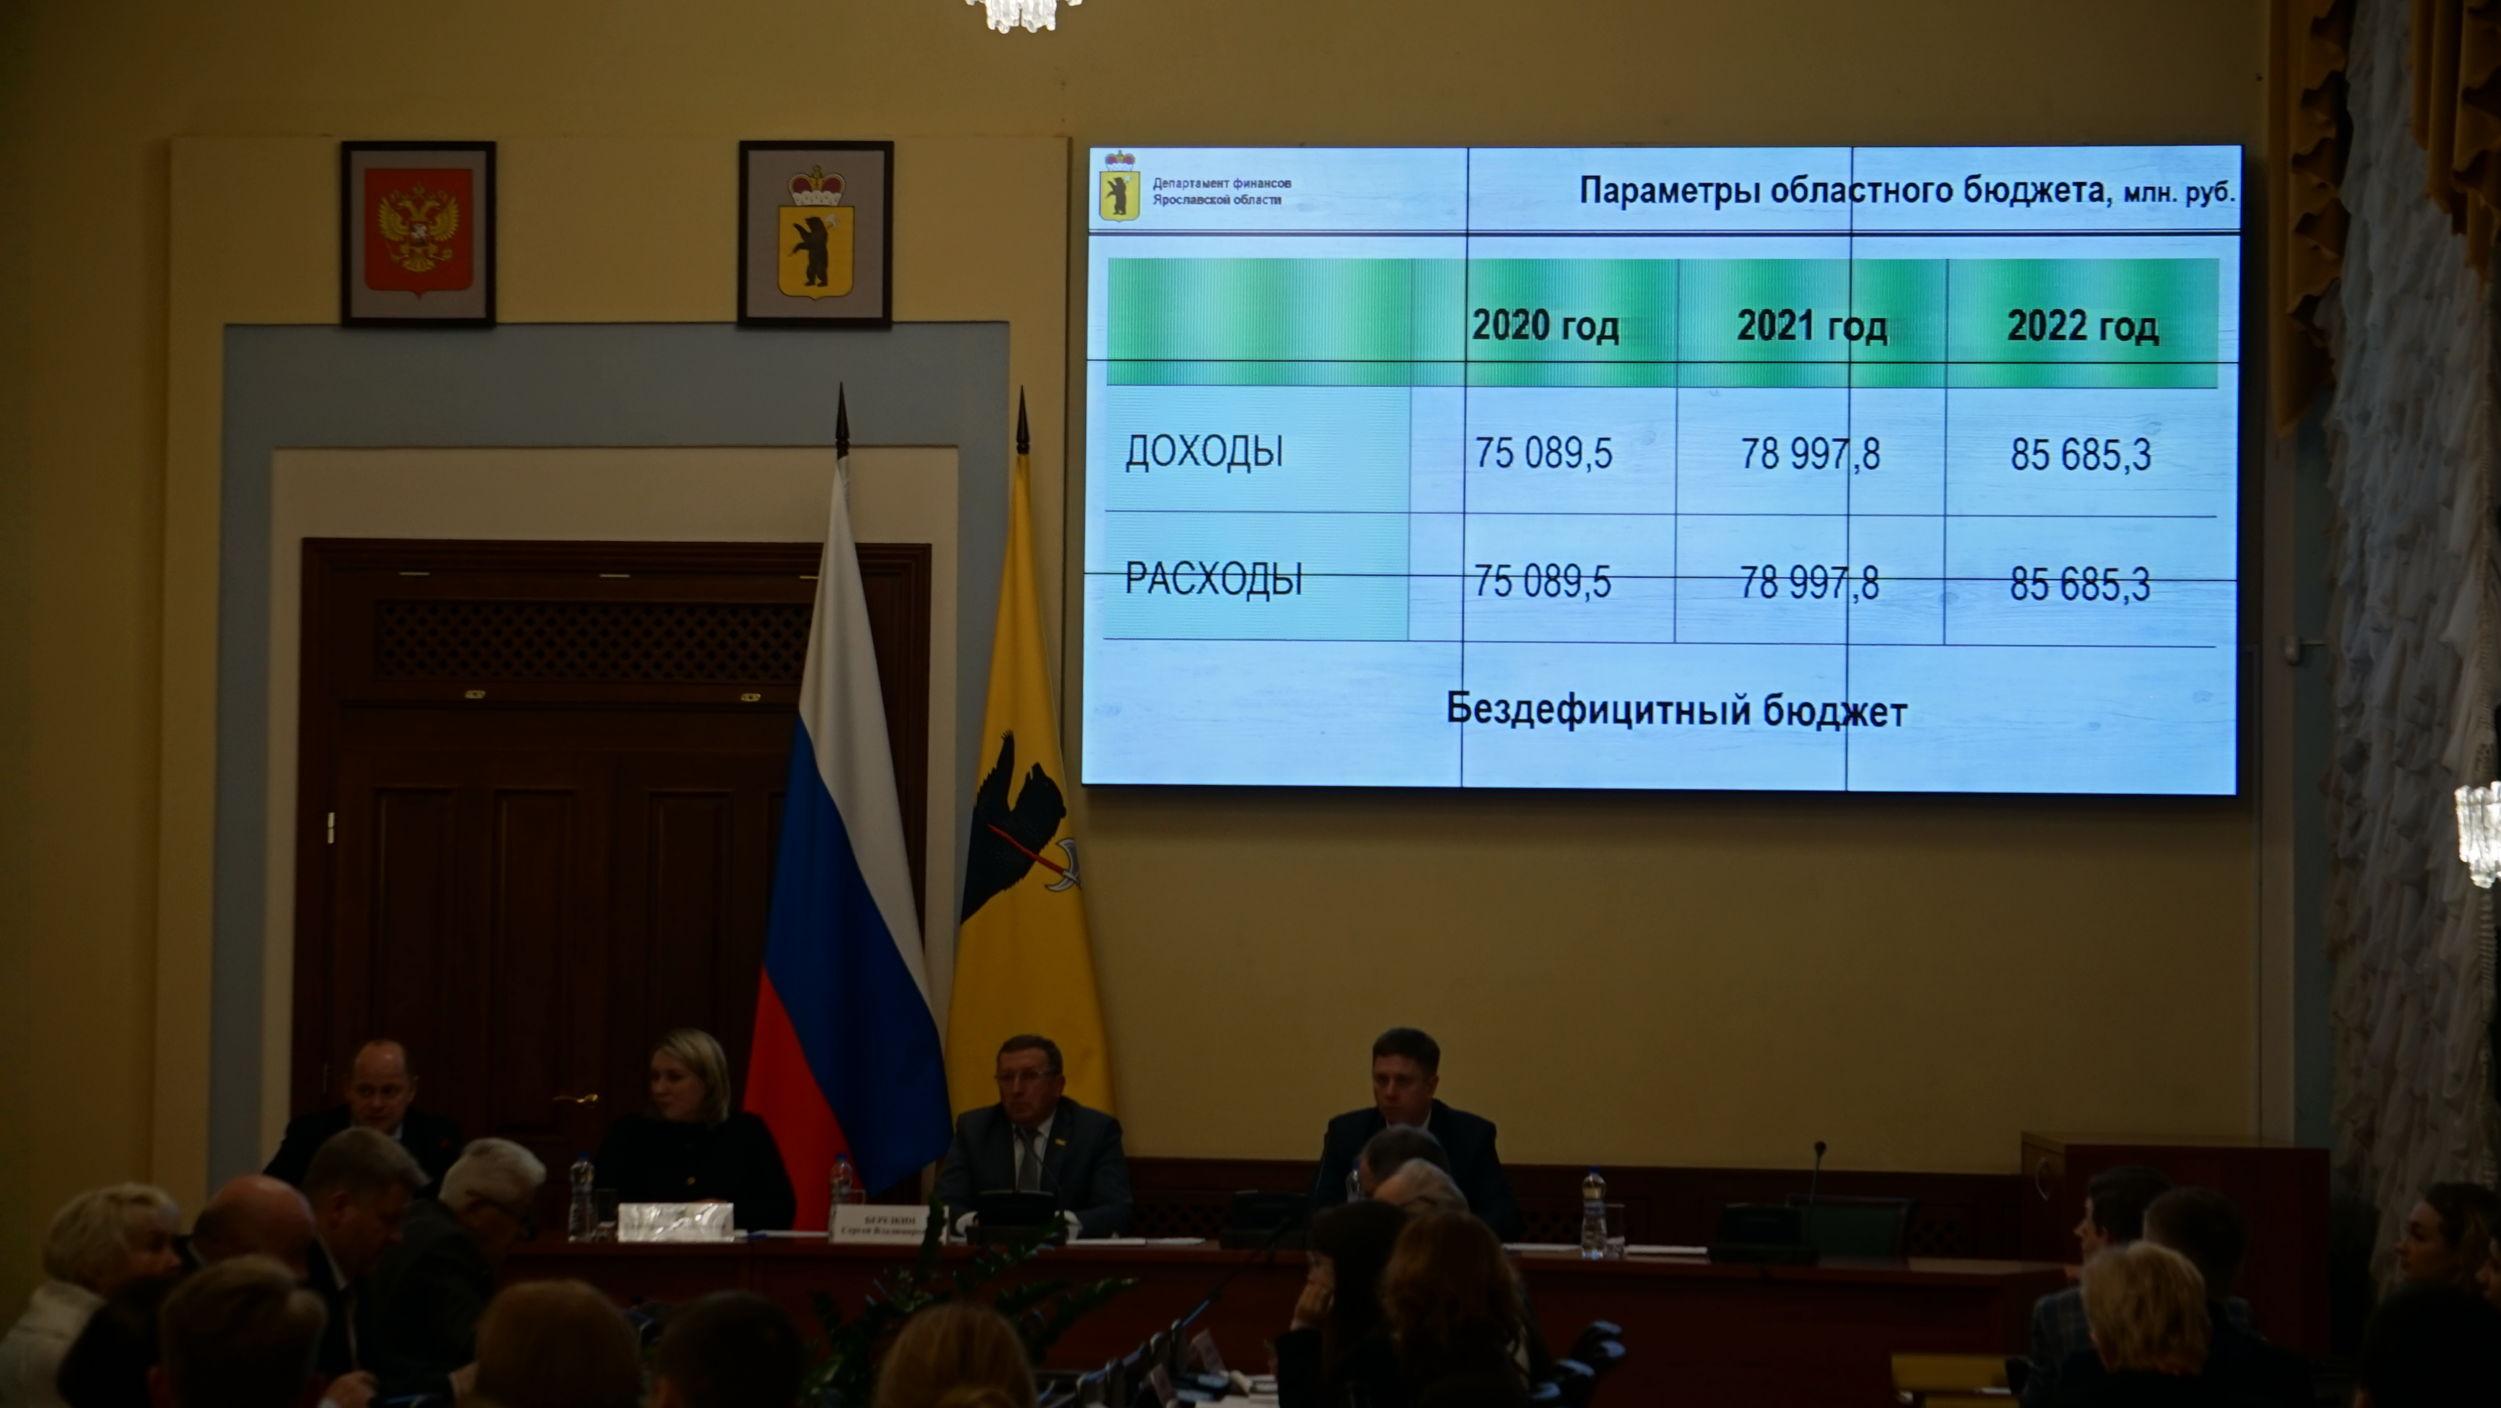 Онкология и дети: на что потратят бюджет Ярославской области